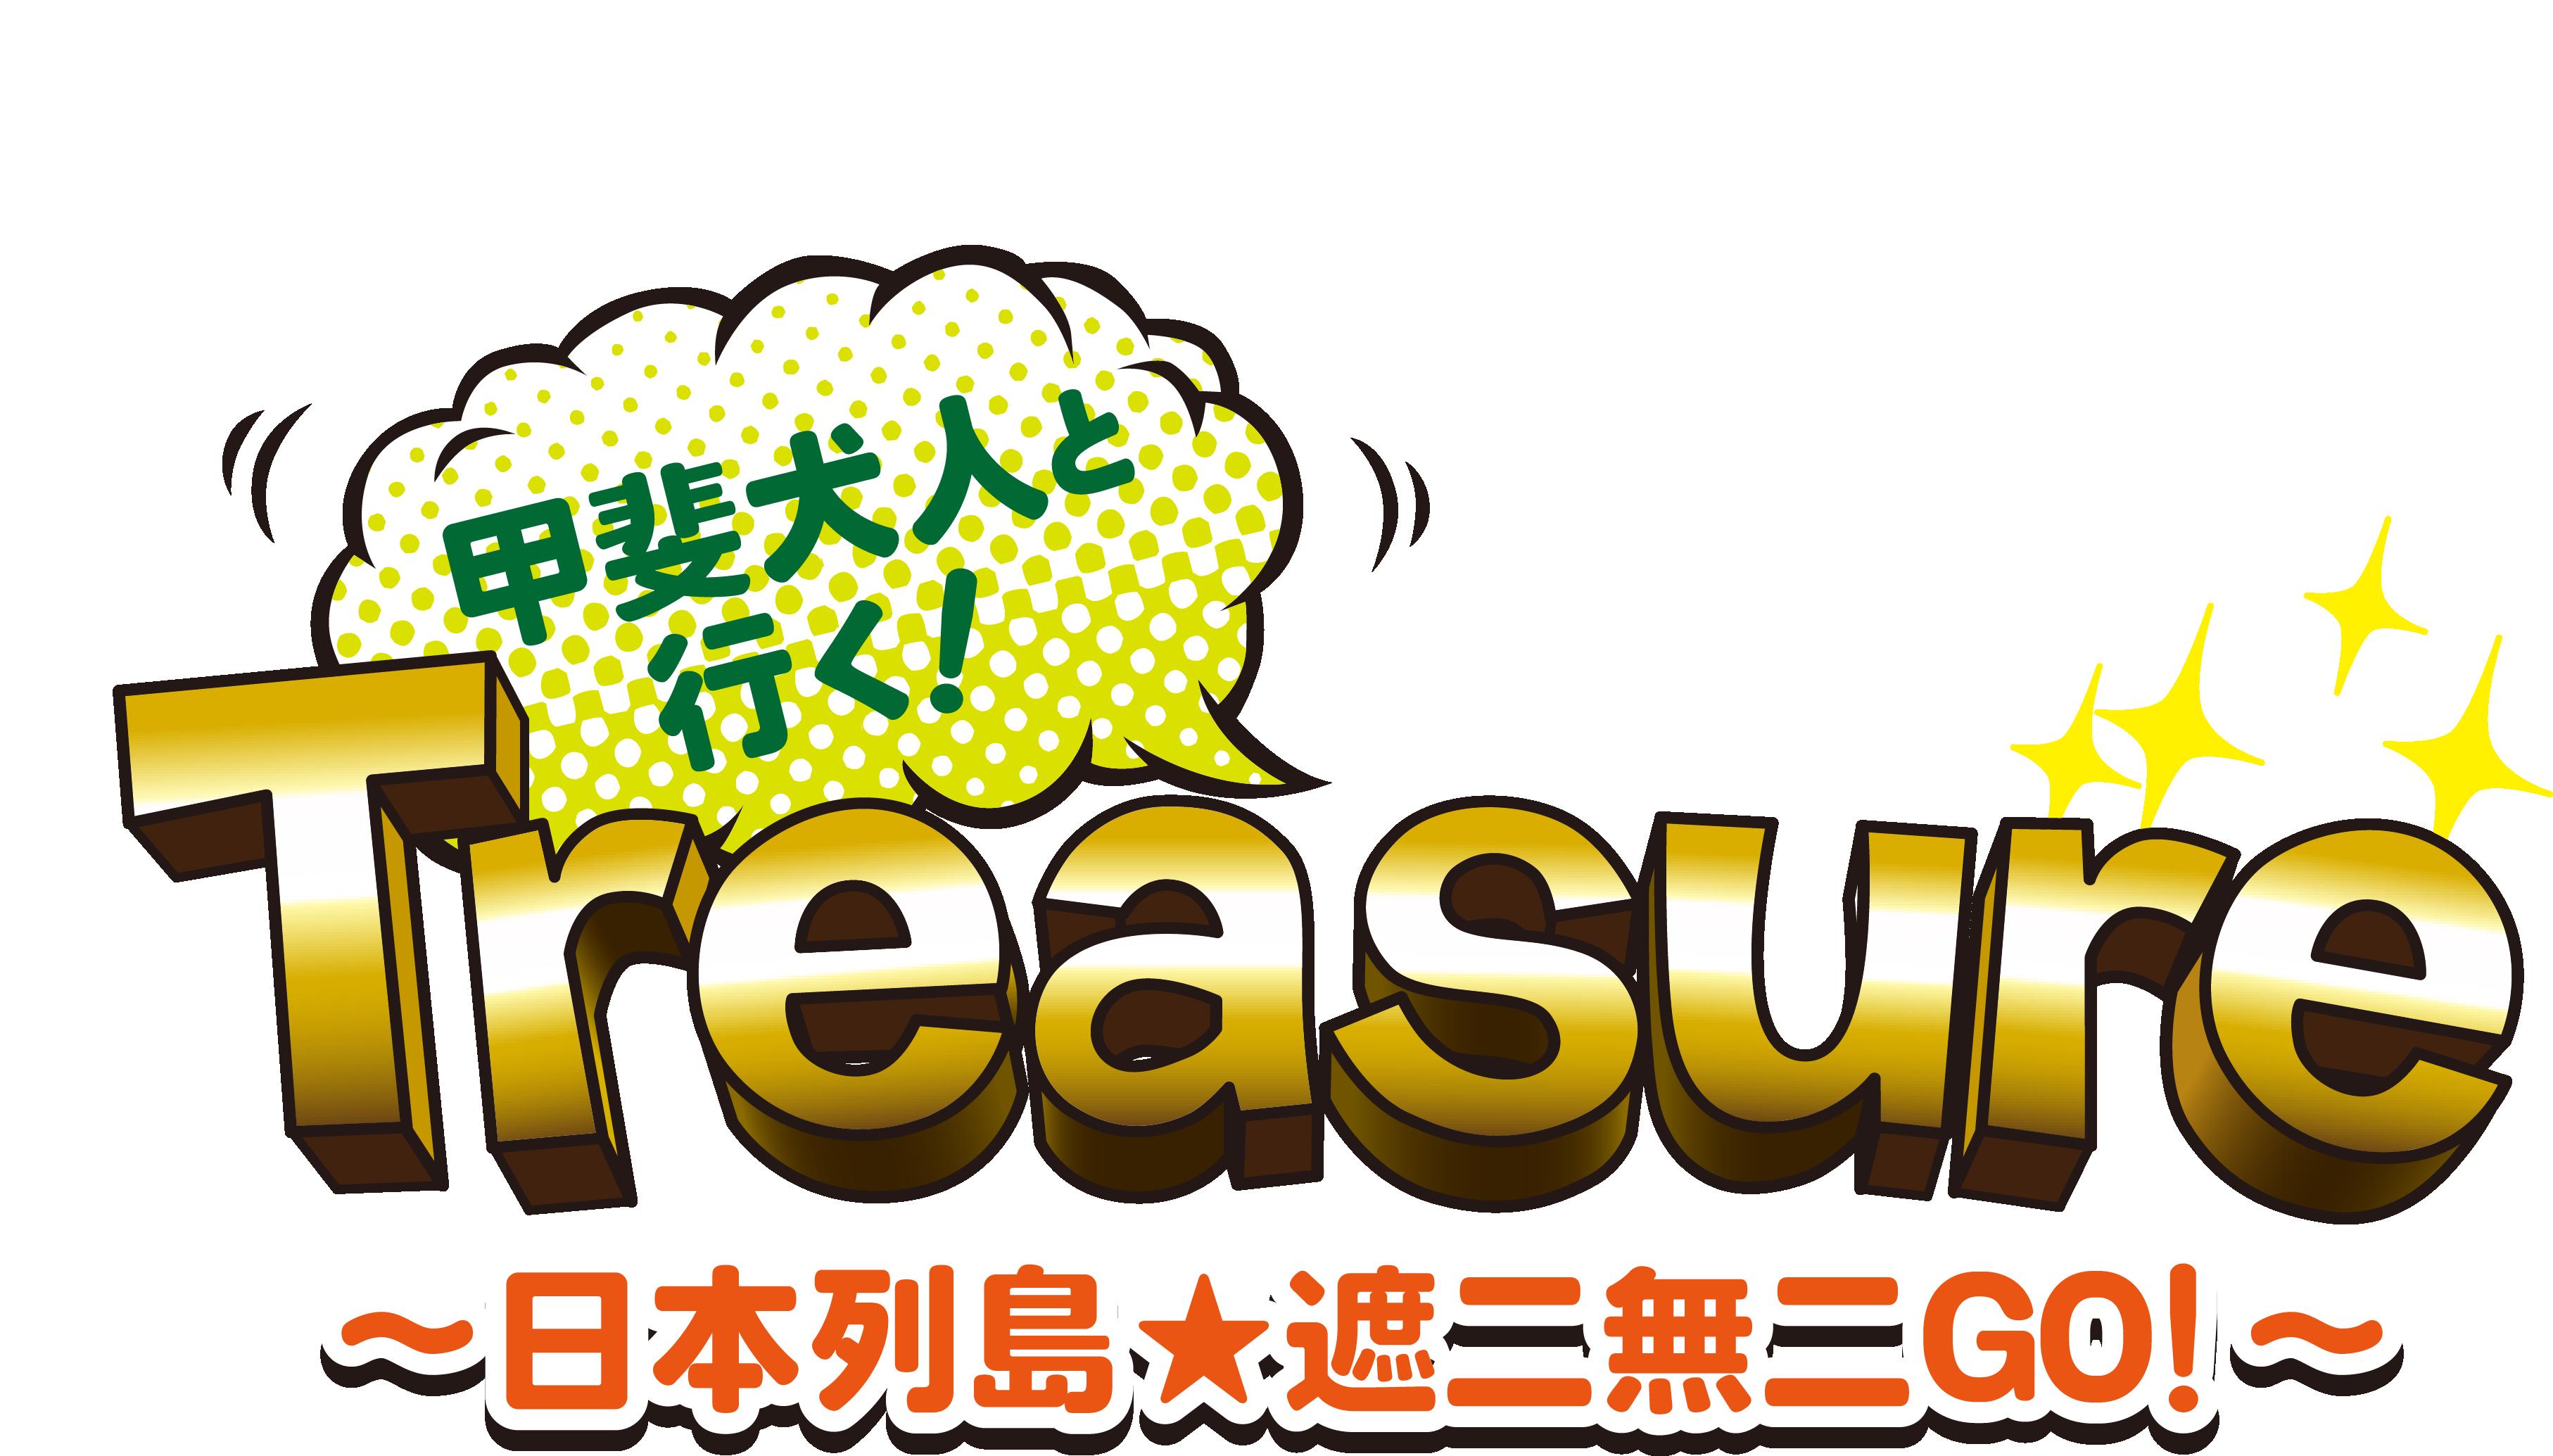 甲斐犬人と行く!Treasure~日本列島★遮二無二GO!~ (甲斐犬人~遮二無二GO!~) | 番組公式サイト